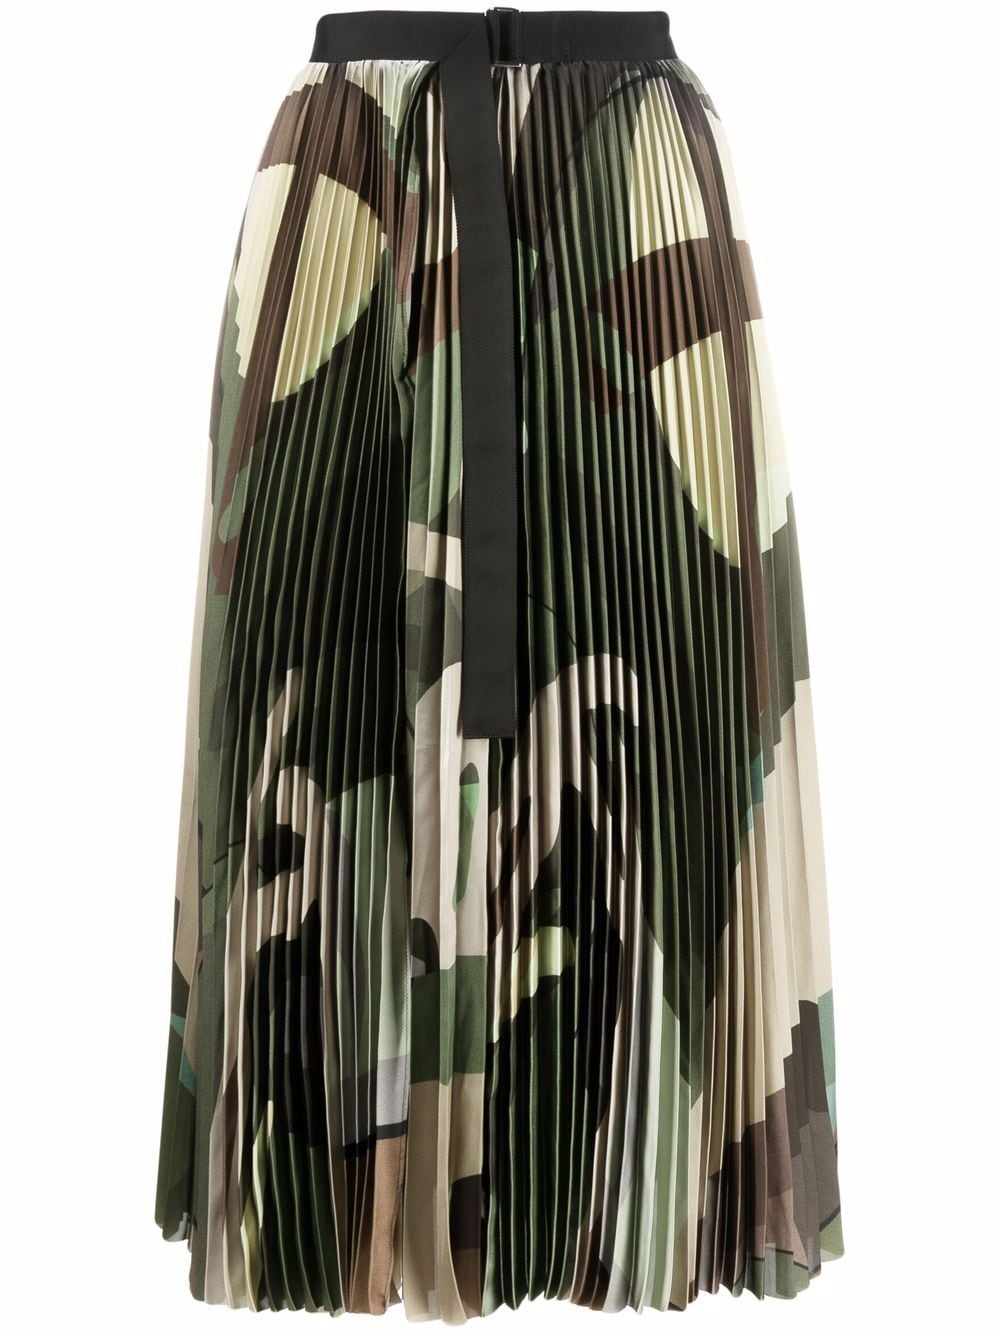 SACAI | Skirt | 21-05685936